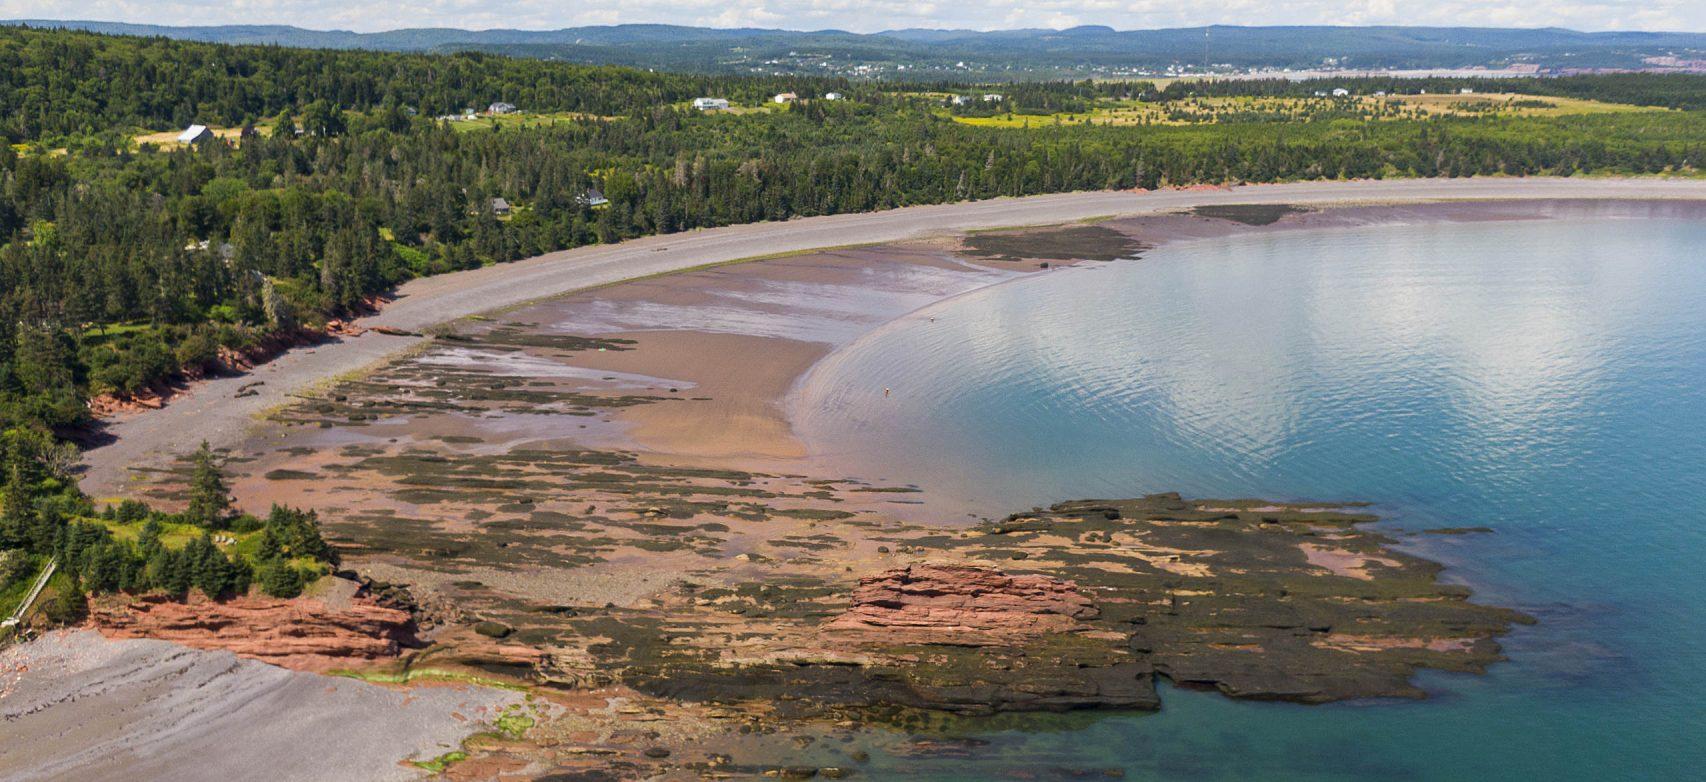 Plage Brown's près de St. Martins, au Nouveau-Brunswick, dans la baie de Fundy, au Canada atlantique